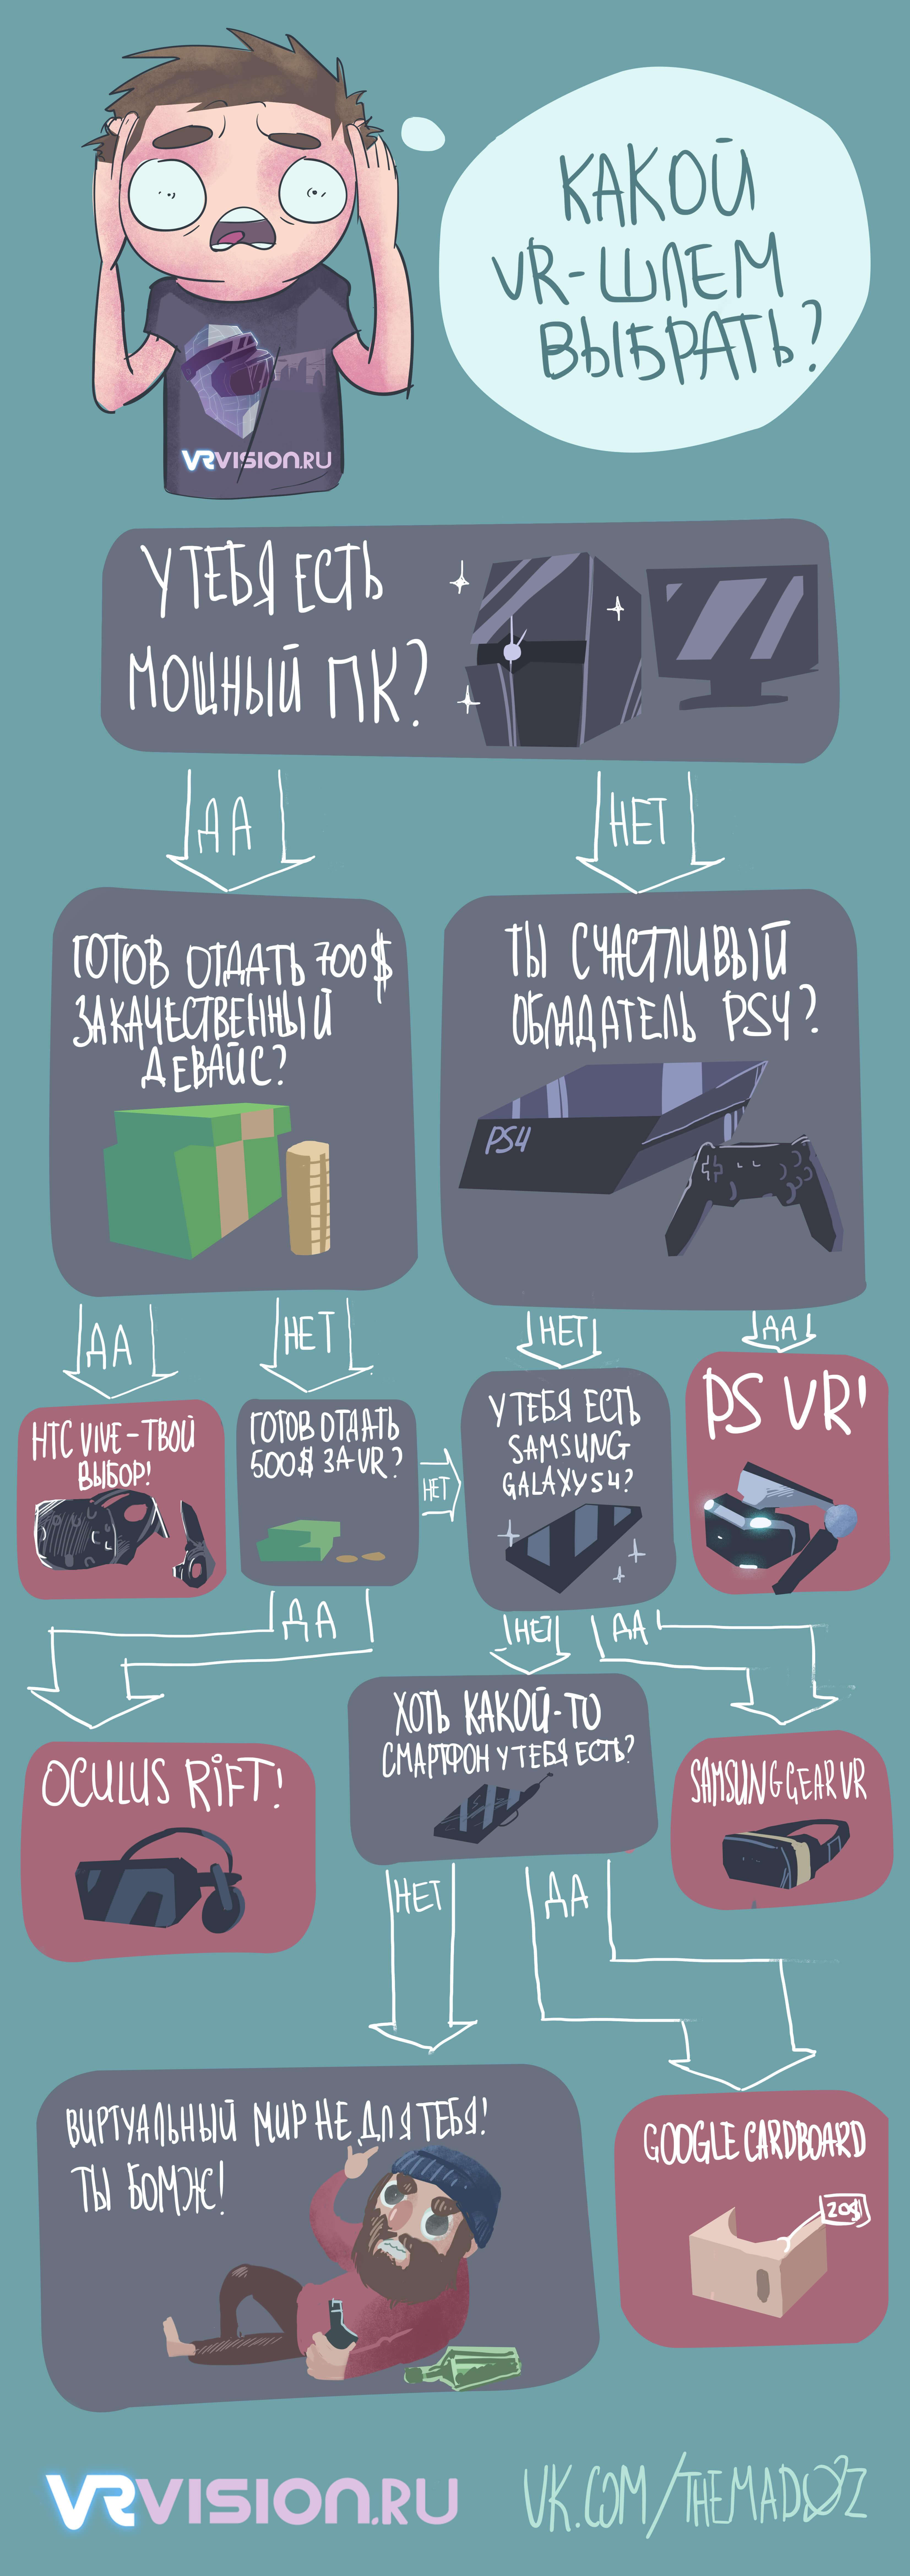 какой шлем виртуальной реальности выбрать